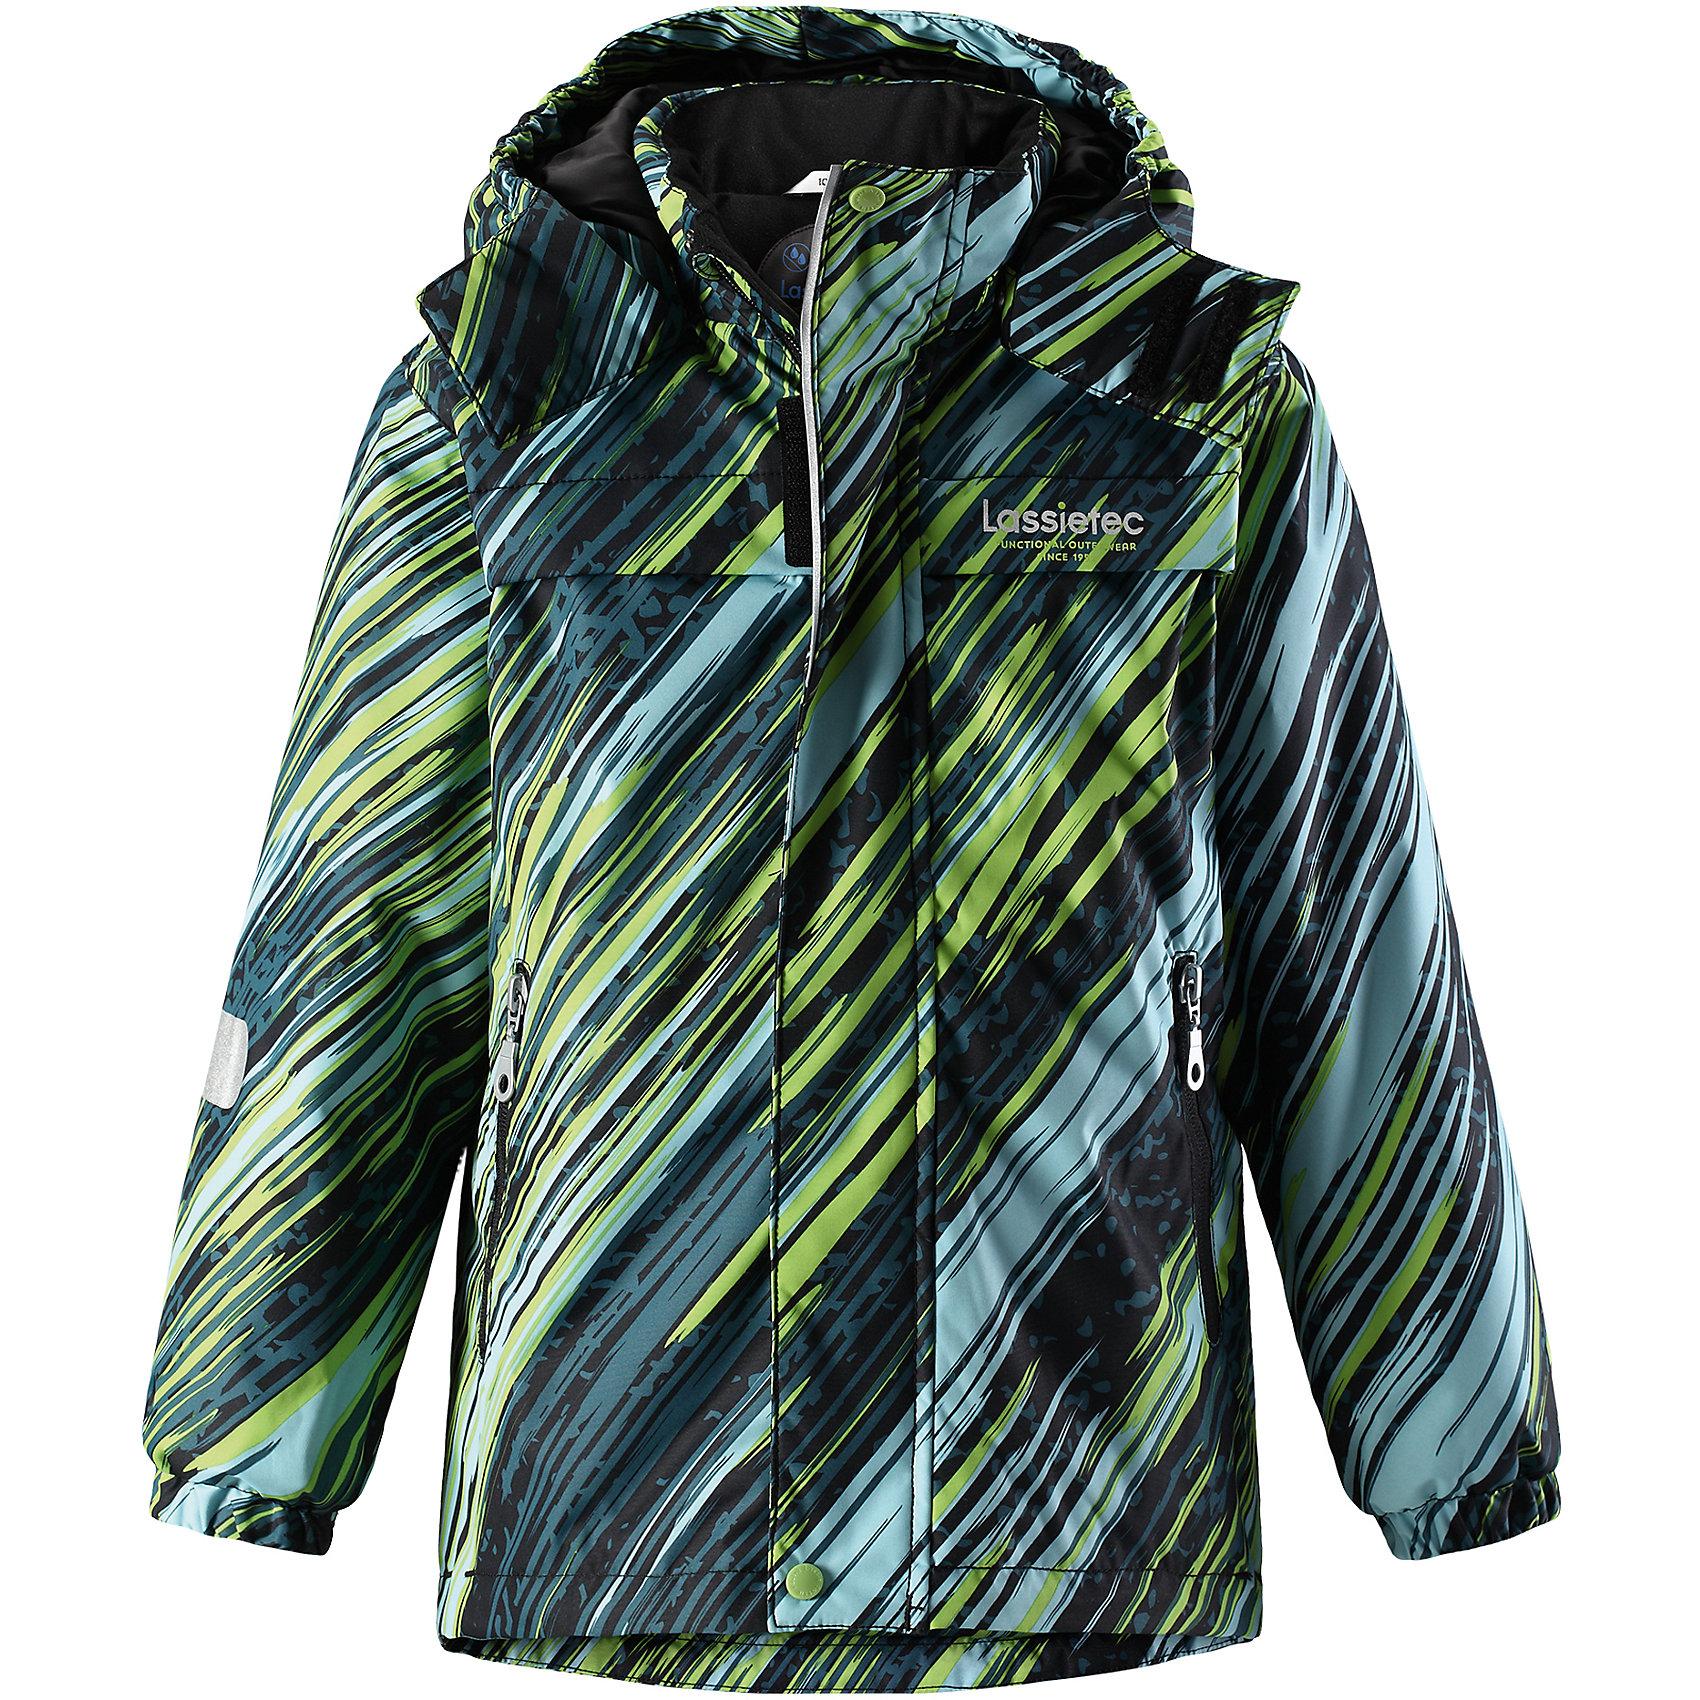 Куртка Lassietec LassieОдежда<br>Эта теплая и функциональная детская зимняя куртка Lassietec® отлично подходит для ежедневной носки! Съемный капюшон защищает от пронизывающего ветра и гарантирует безопасность во время игр на свежем воздухе. Гладкая и приятная на ощупь подкладка облегчает надевание и обеспечивает дополнительное утепление. Все основные швы в куртке проклеены, водонепроницаемы, а водонепроницаемый, ветронепроницаемый и дышащий материал обеспечивает комфорт во время веселых прогулок. При необходимости подол легко регулируется. <br>Состав:<br>100% Полиэстер<br><br>Ширина мм: 356<br>Глубина мм: 10<br>Высота мм: 245<br>Вес г: 519<br>Цвет: зеленый<br>Возраст от месяцев: 96<br>Возраст до месяцев: 108<br>Пол: Унисекс<br>Возраст: Детский<br>Размер: 134,140,92,98,104,110,116,122,128<br>SKU: 6927433